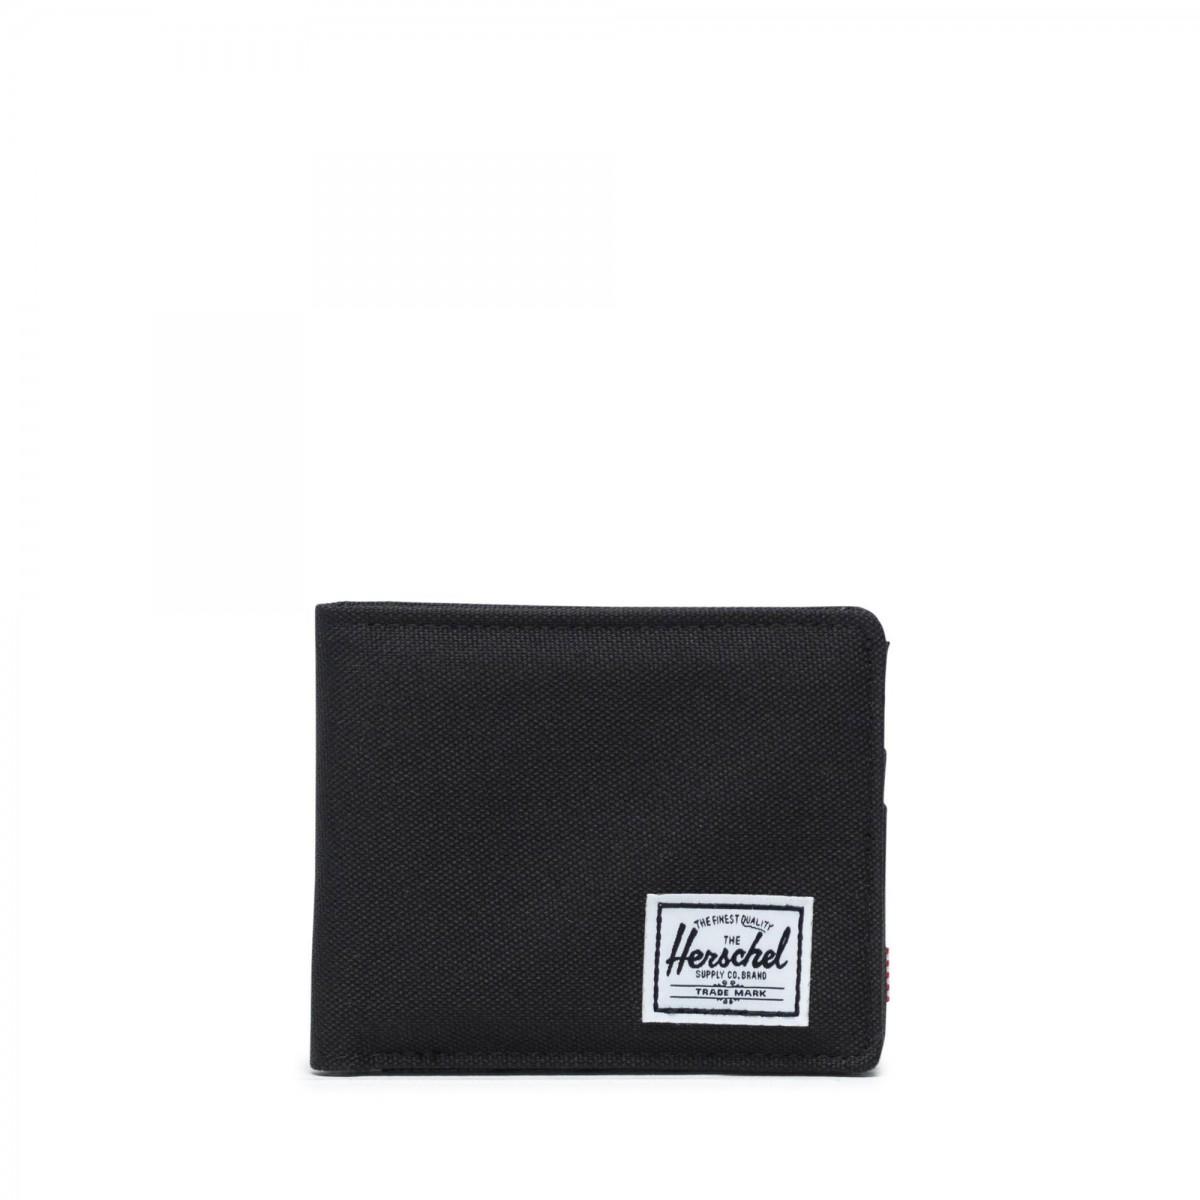 Herschel-ROY RFID 10363 00165